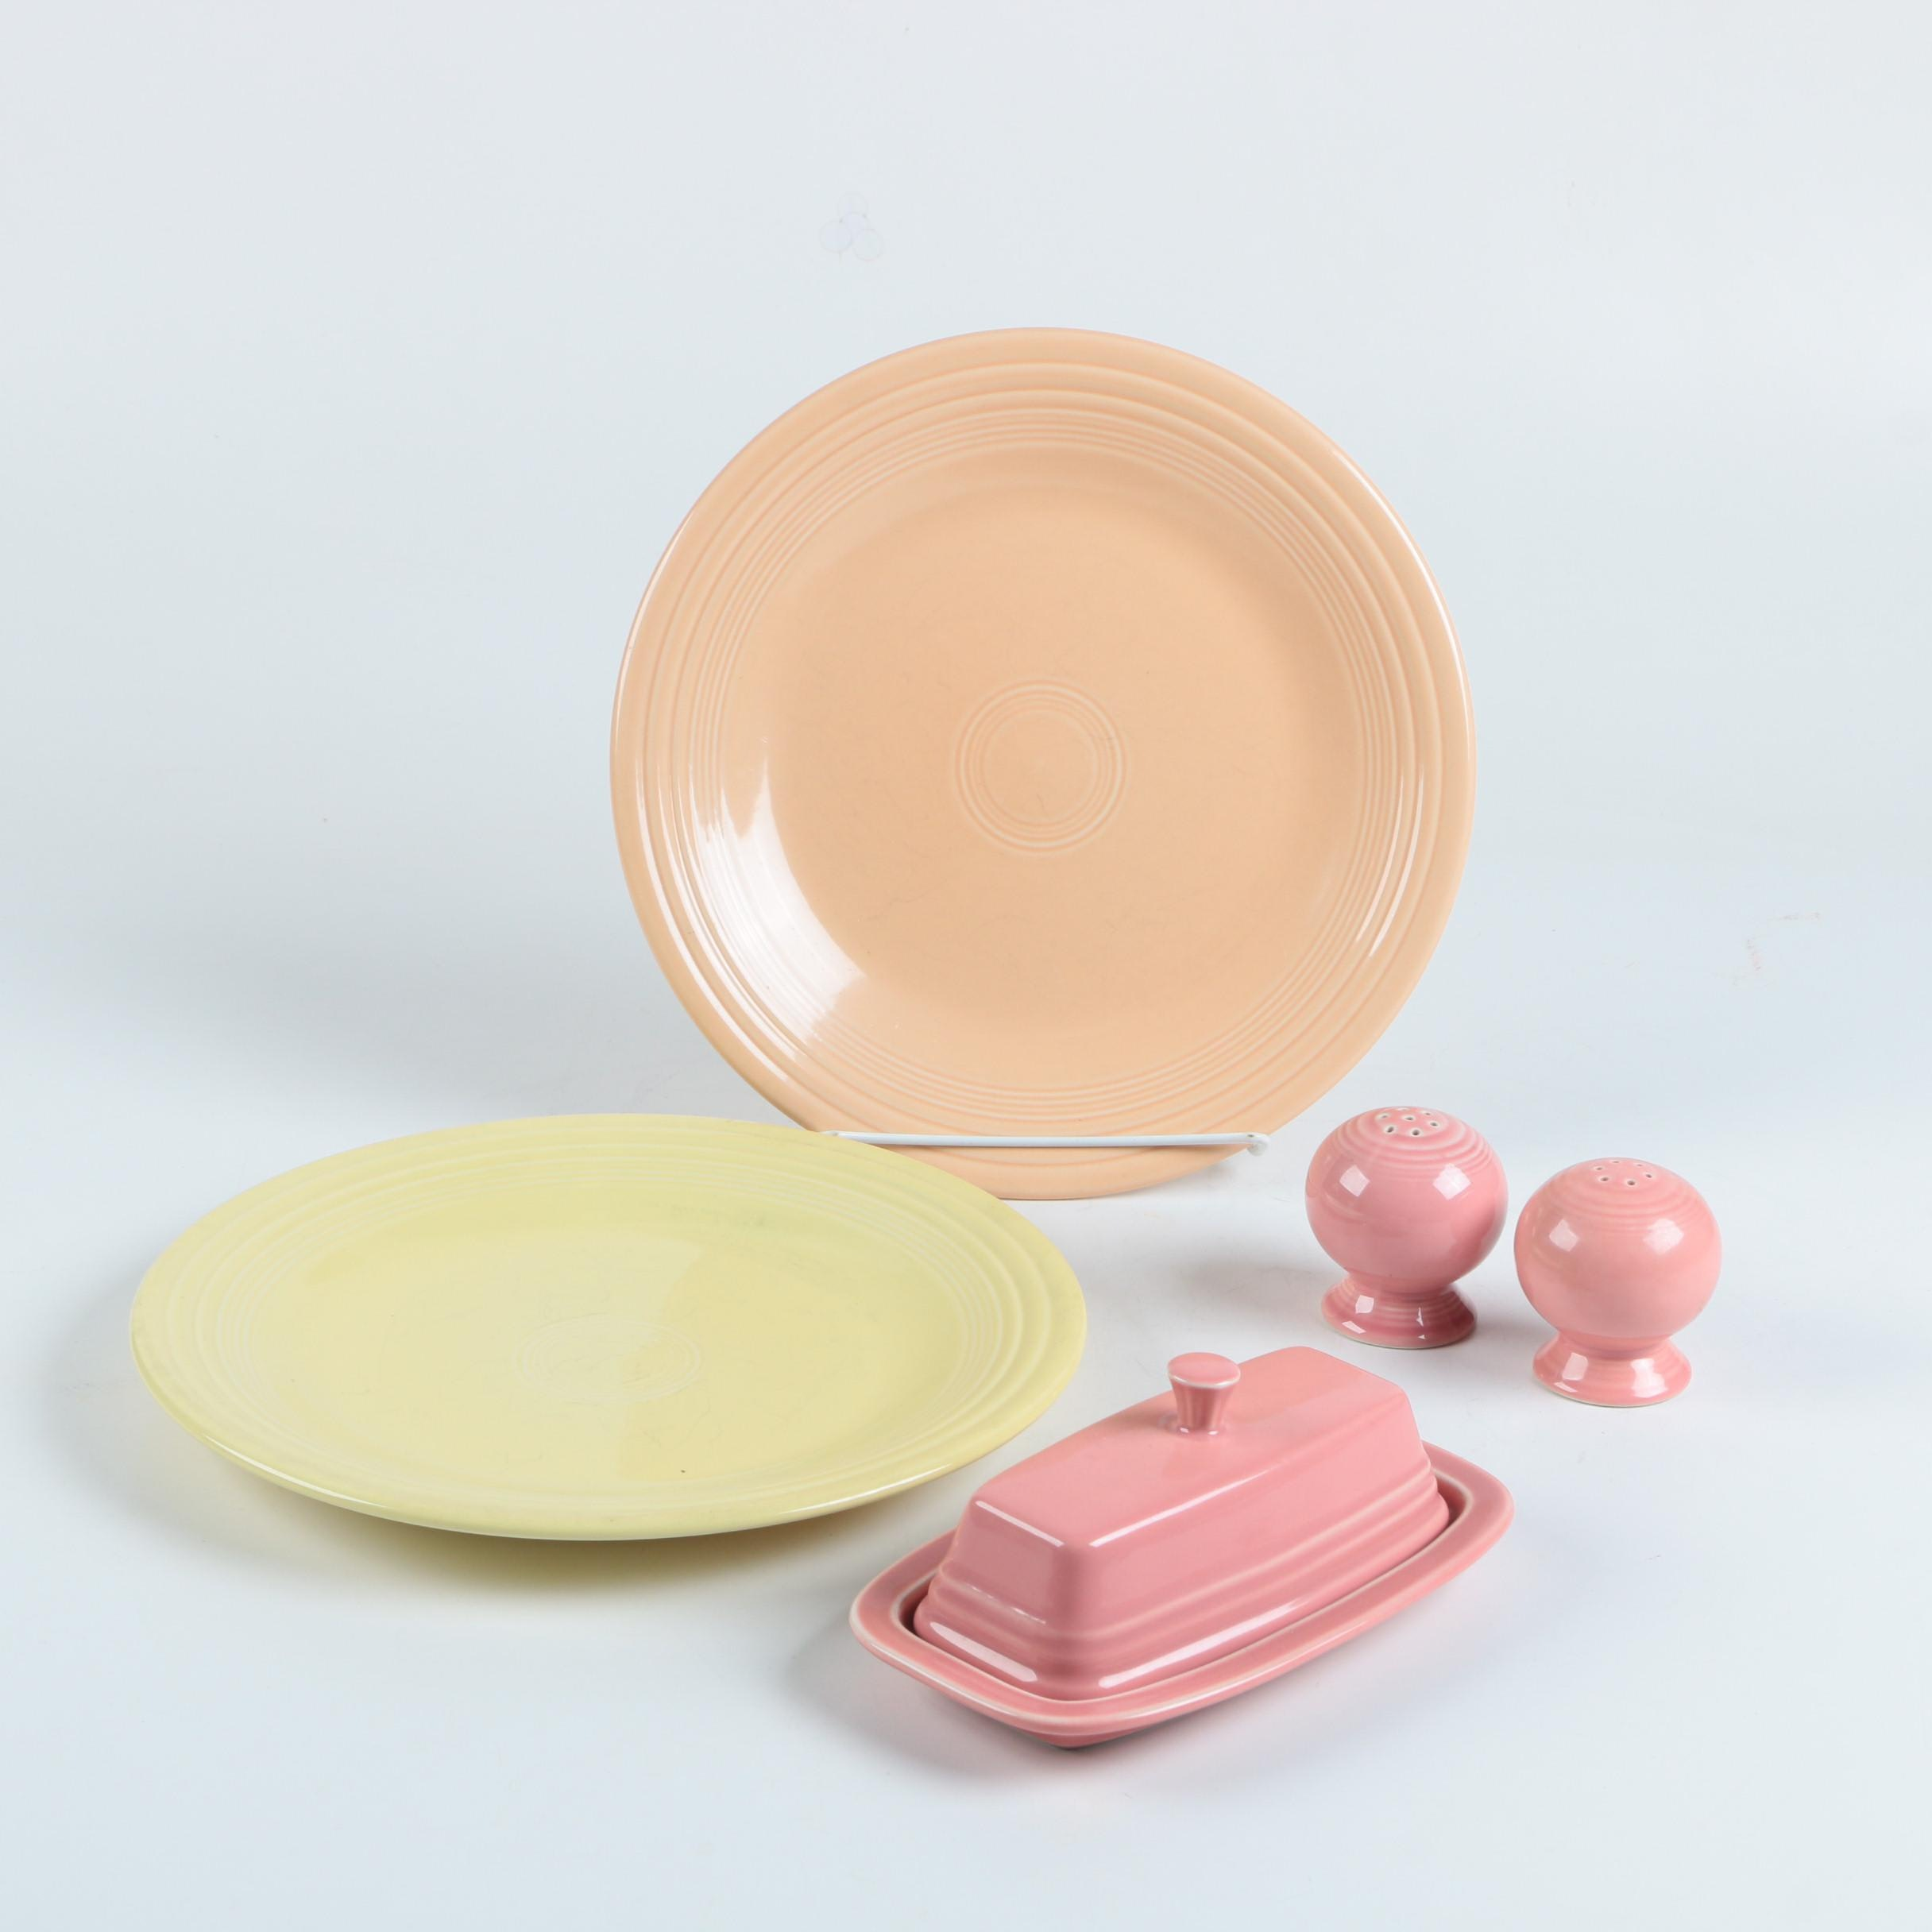 Fiestaware Tableware